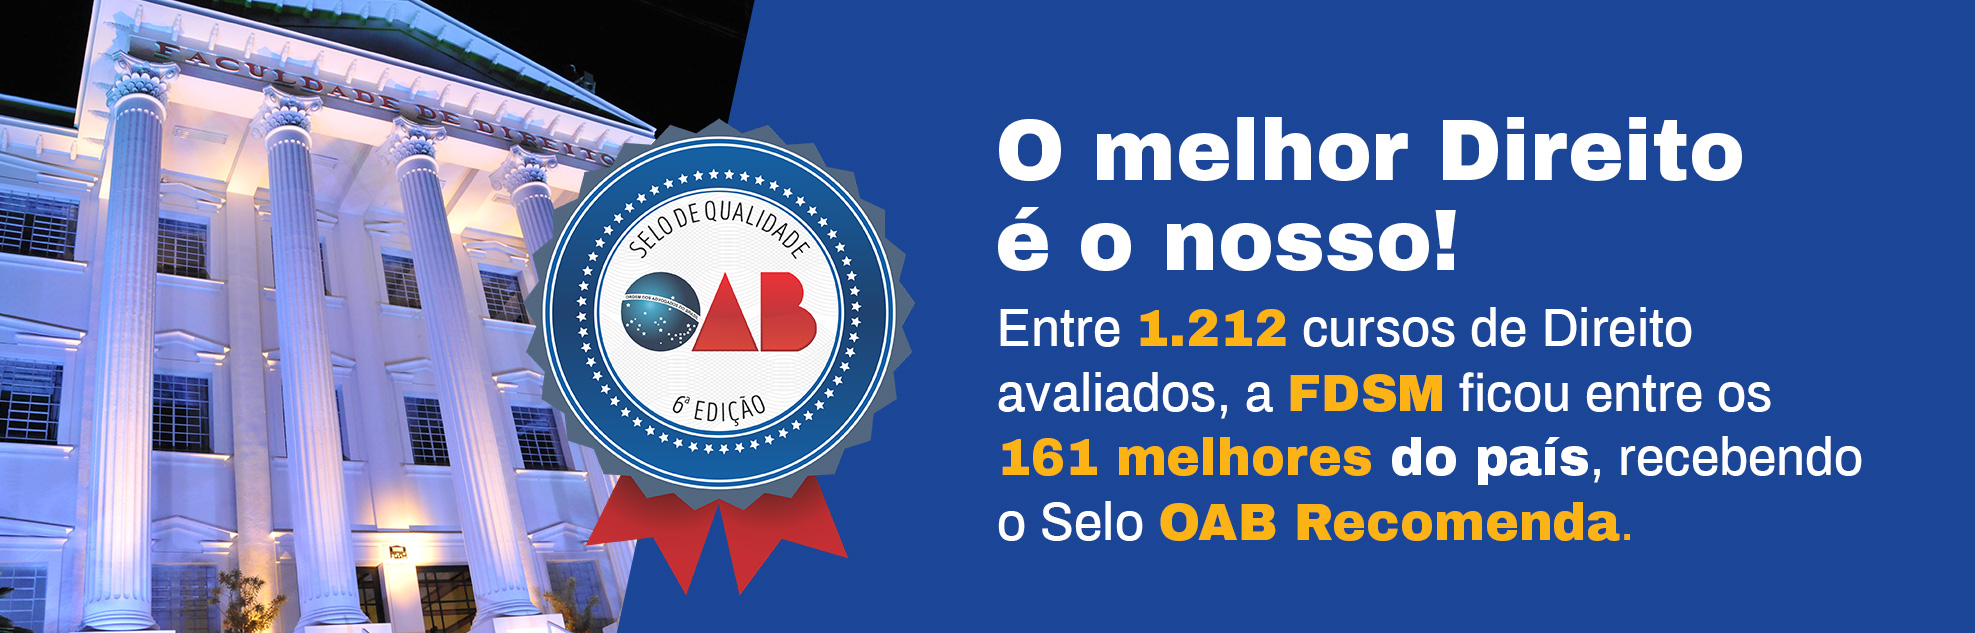 FDSM 2019 OAB